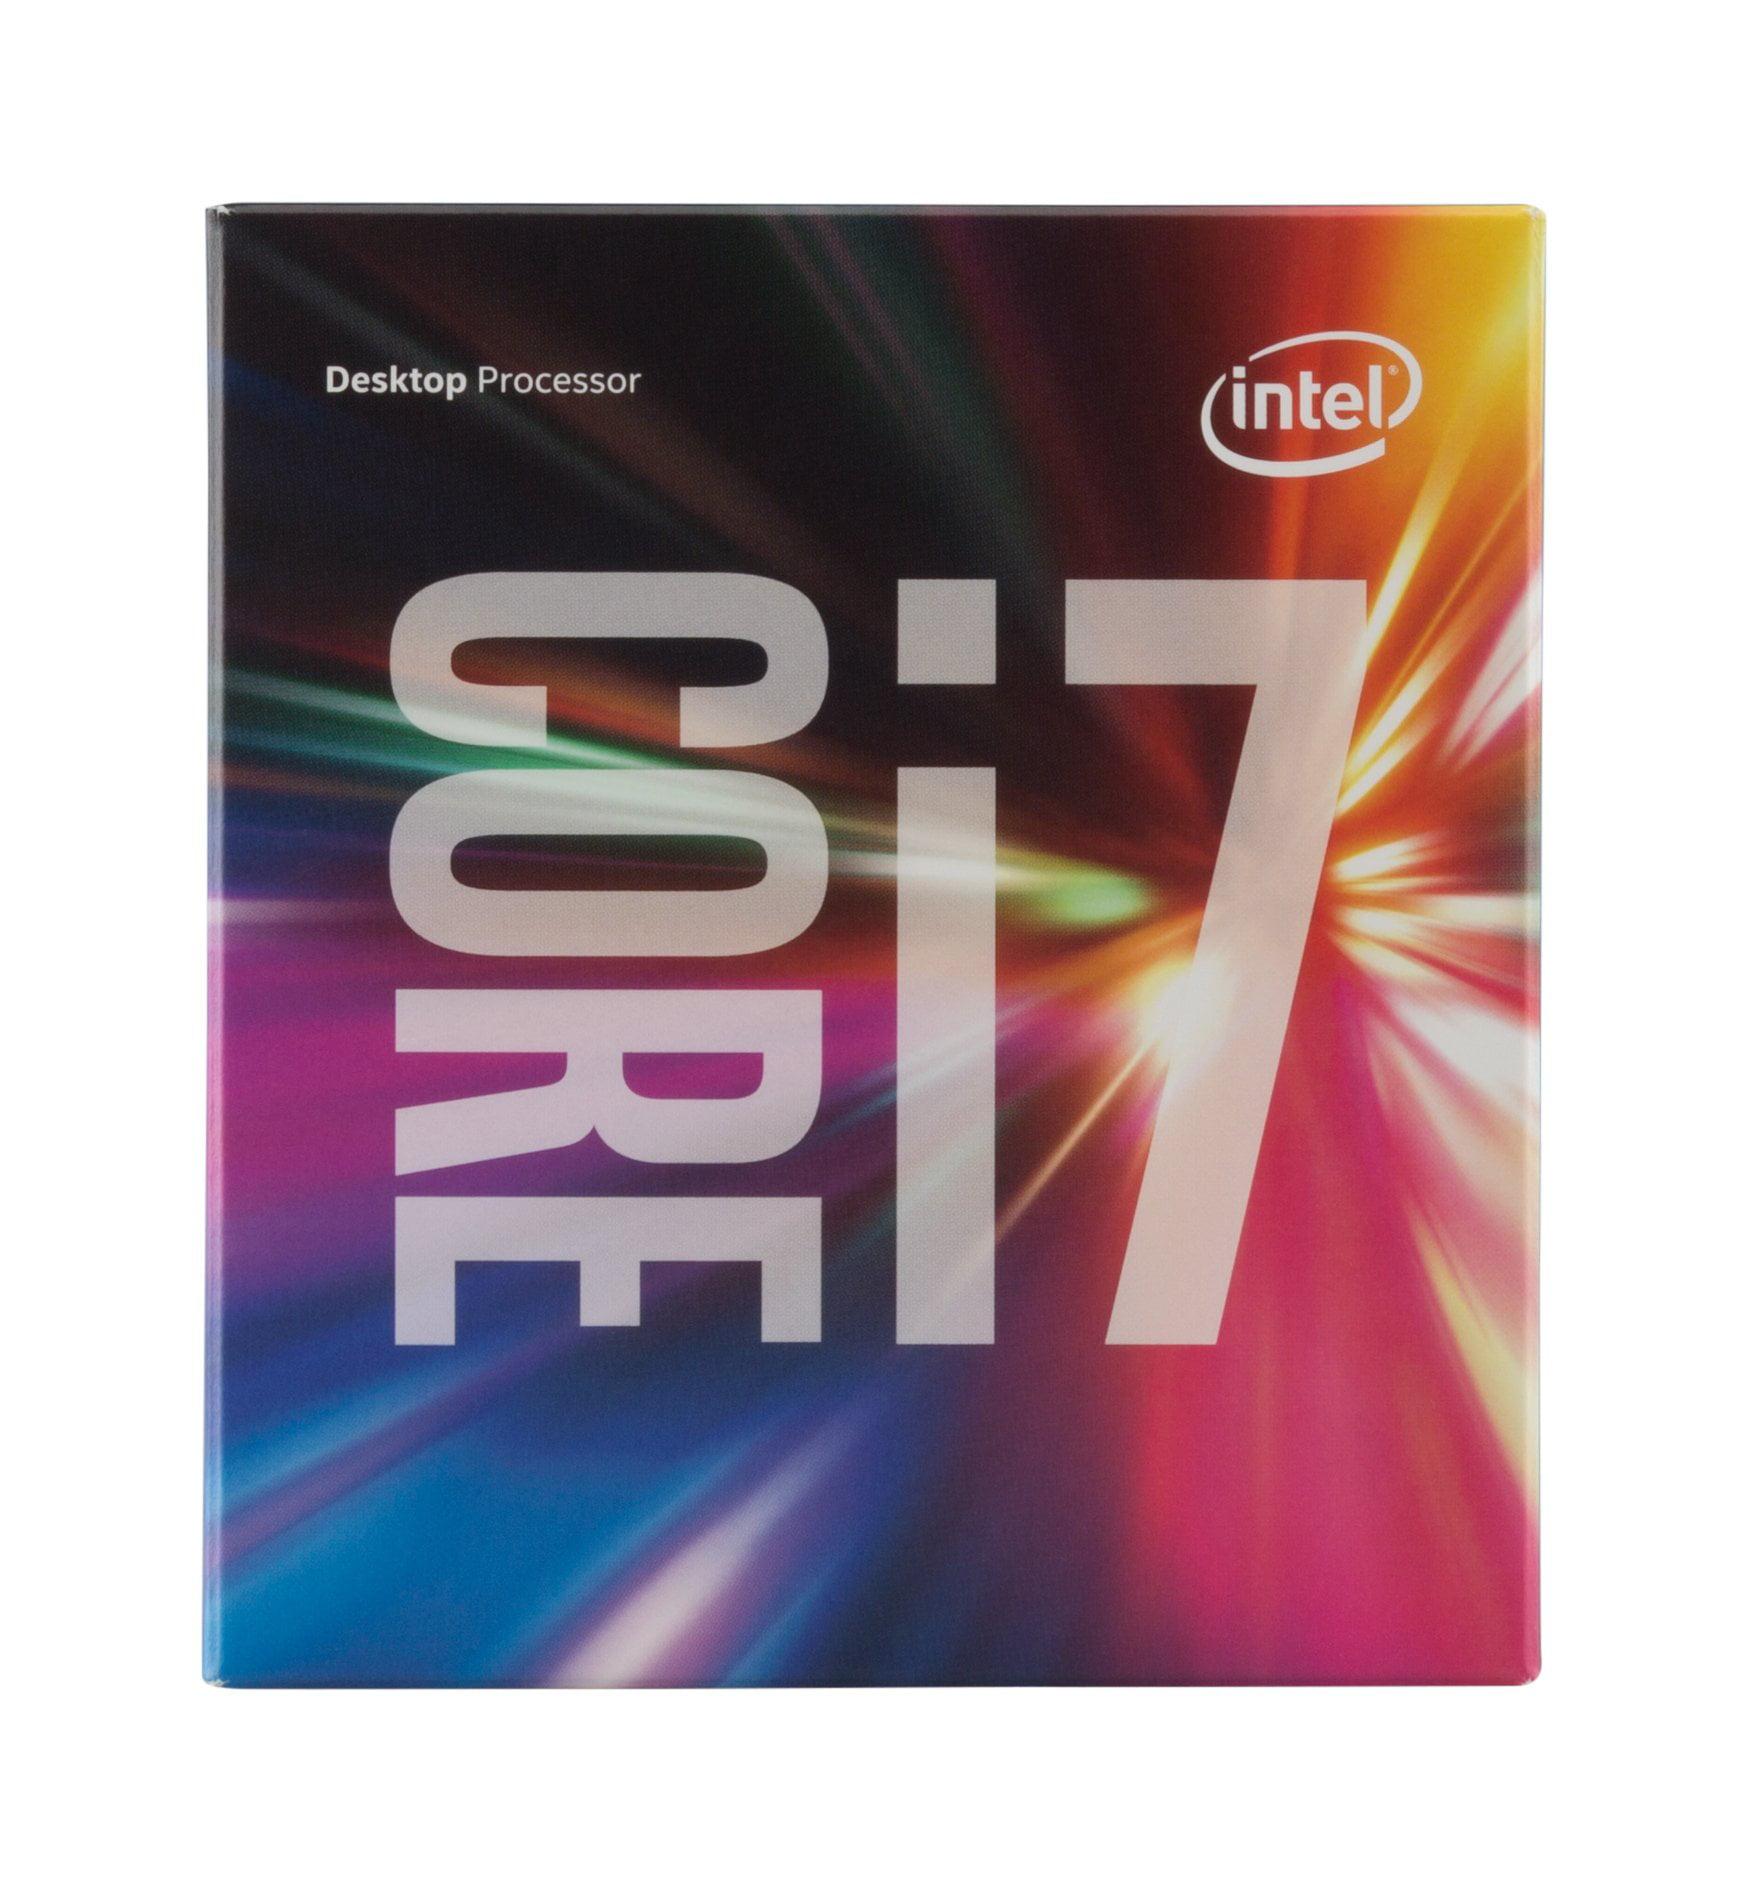 Intel Core I7 I7-6700 Quad-core [4 Core] 3.40 Ghz Processor - Socket H4